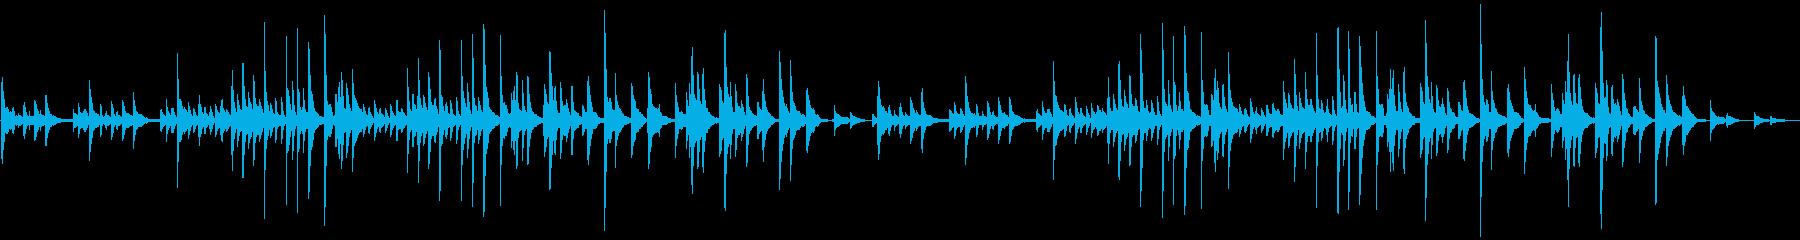 ピアノソロの切ない・悲しいBGMの再生済みの波形